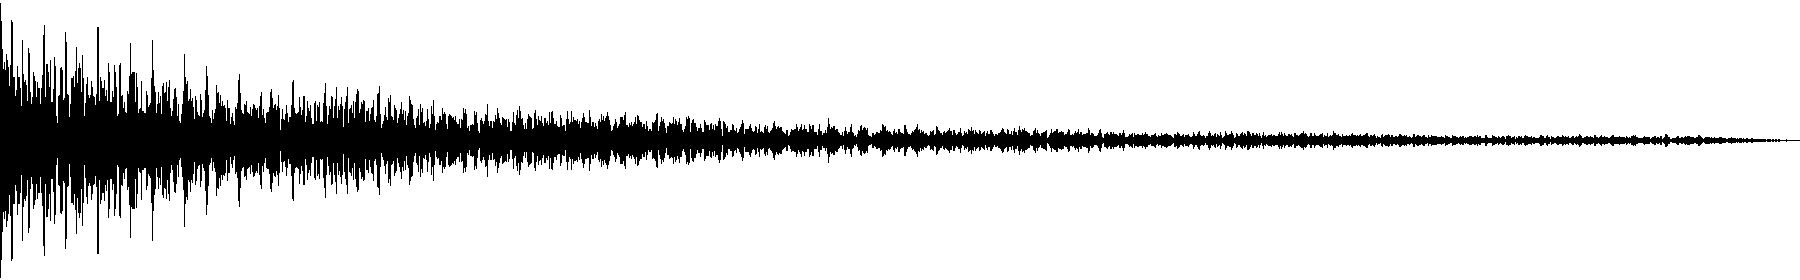 vedh synth cut 251 fm